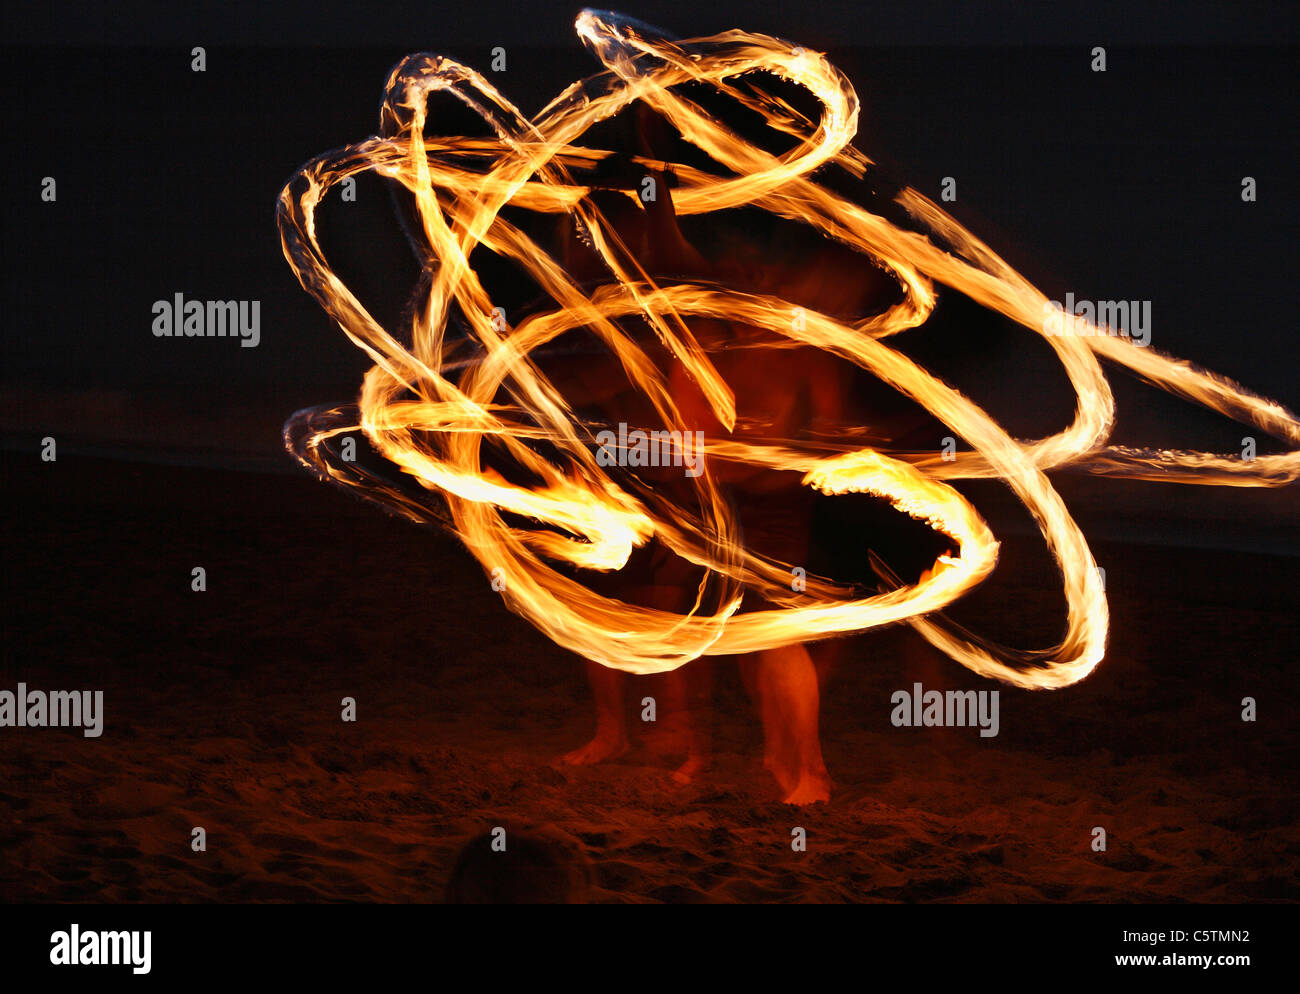 Spagna Isole Canarie La Gomera, La Playa, Valle Gran Rey, persone facendo torcia danza sulla spiaggia di sera Immagini Stock